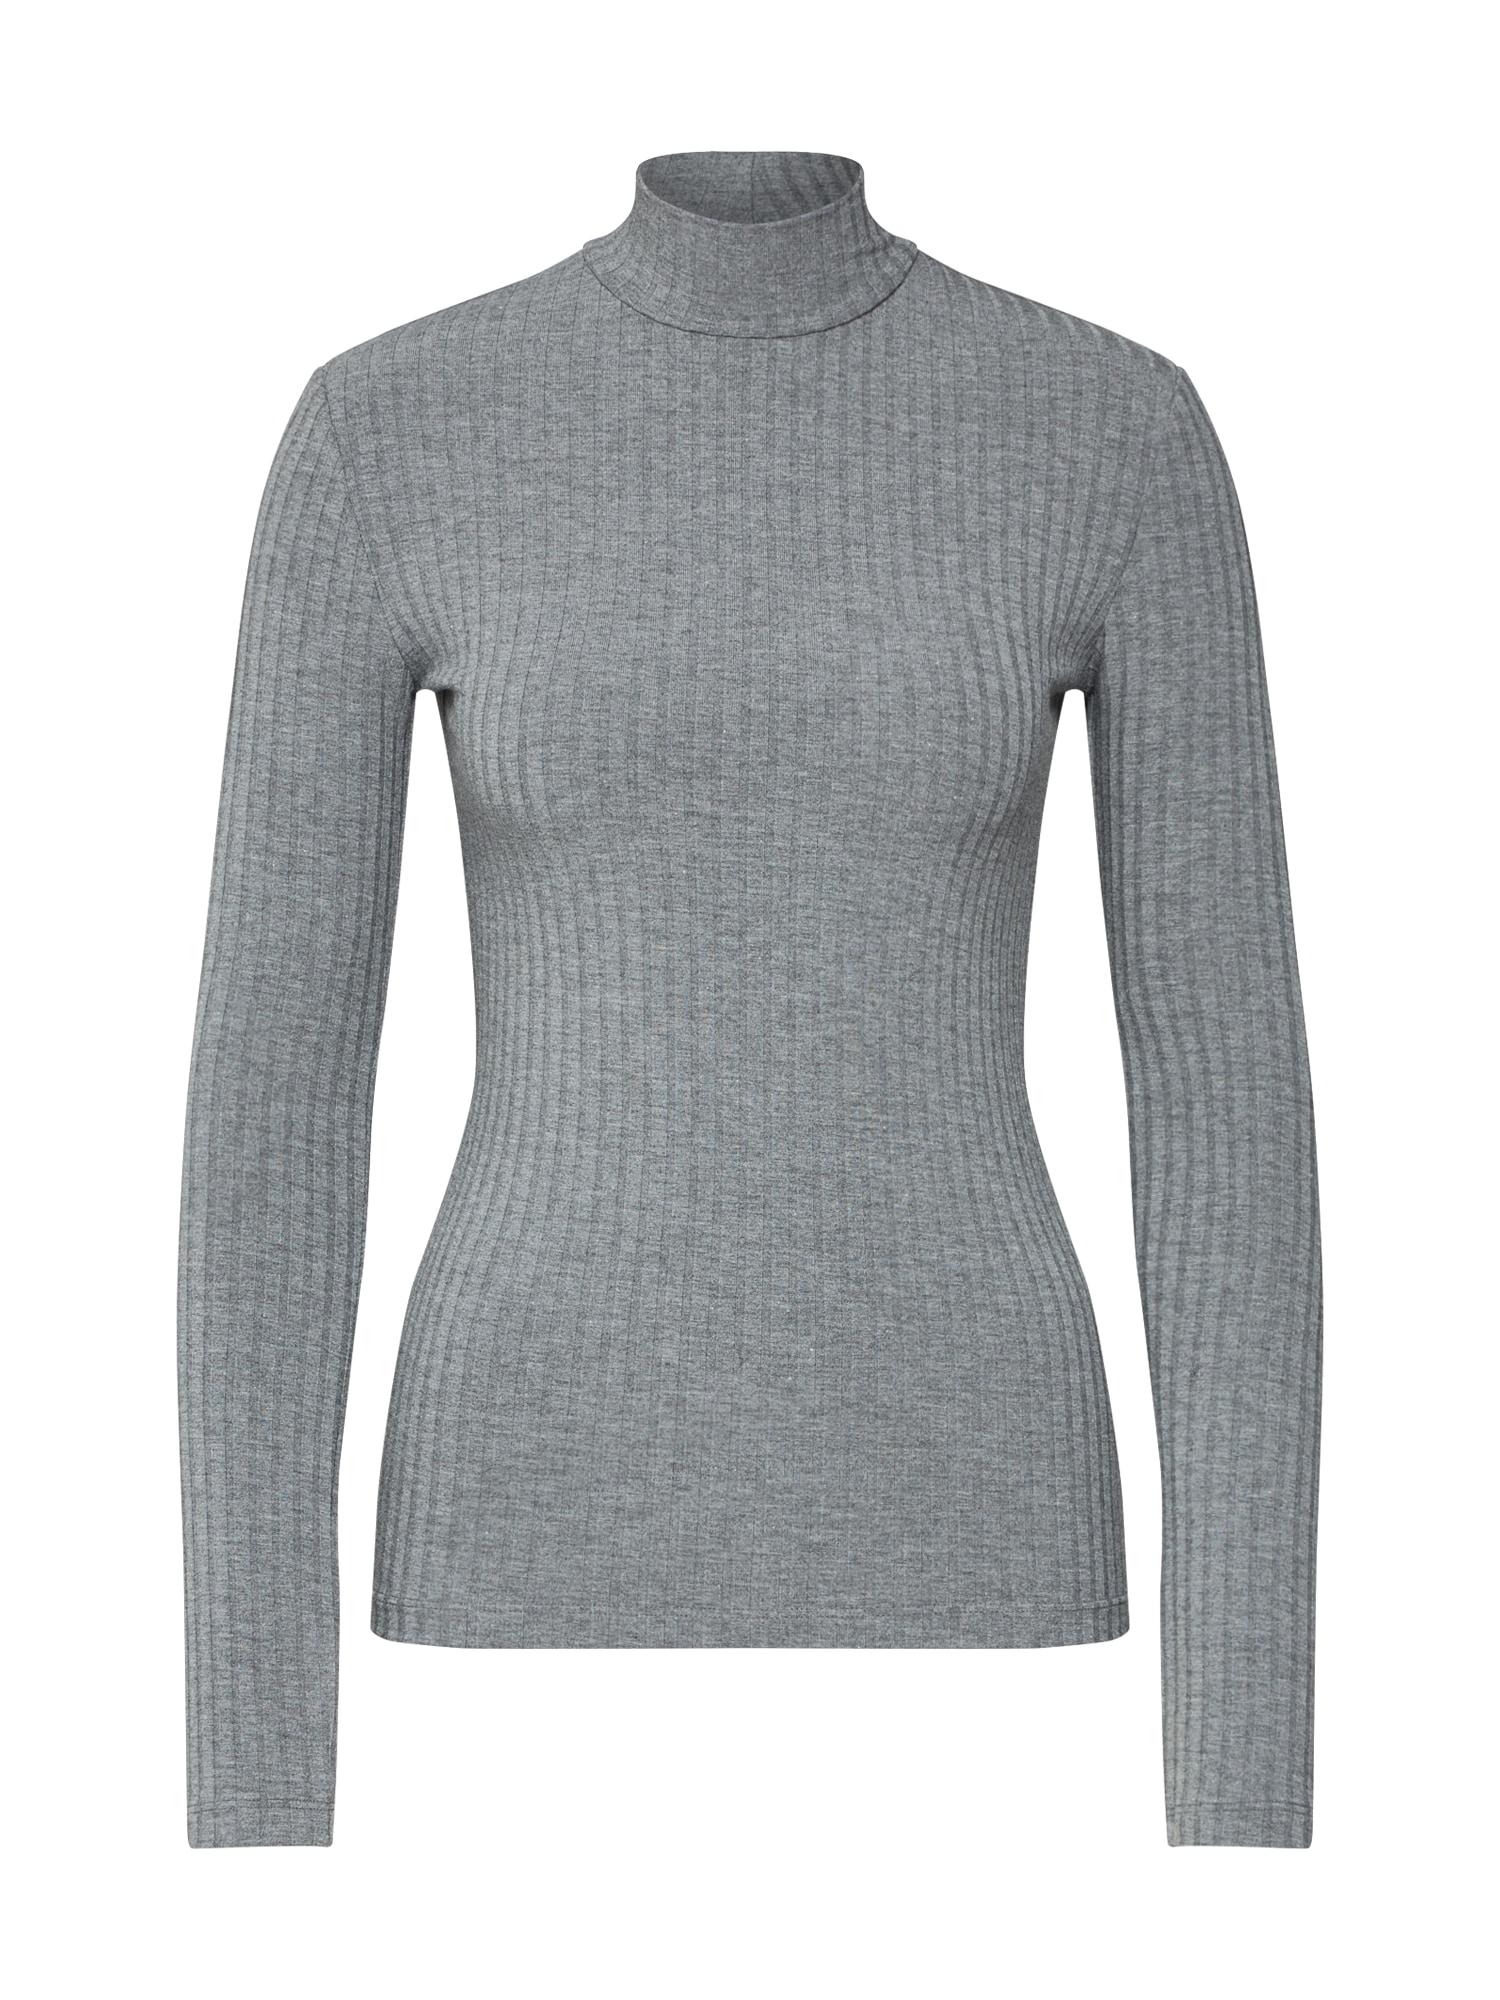 Tričko Manon šedá šedý melír EDITED